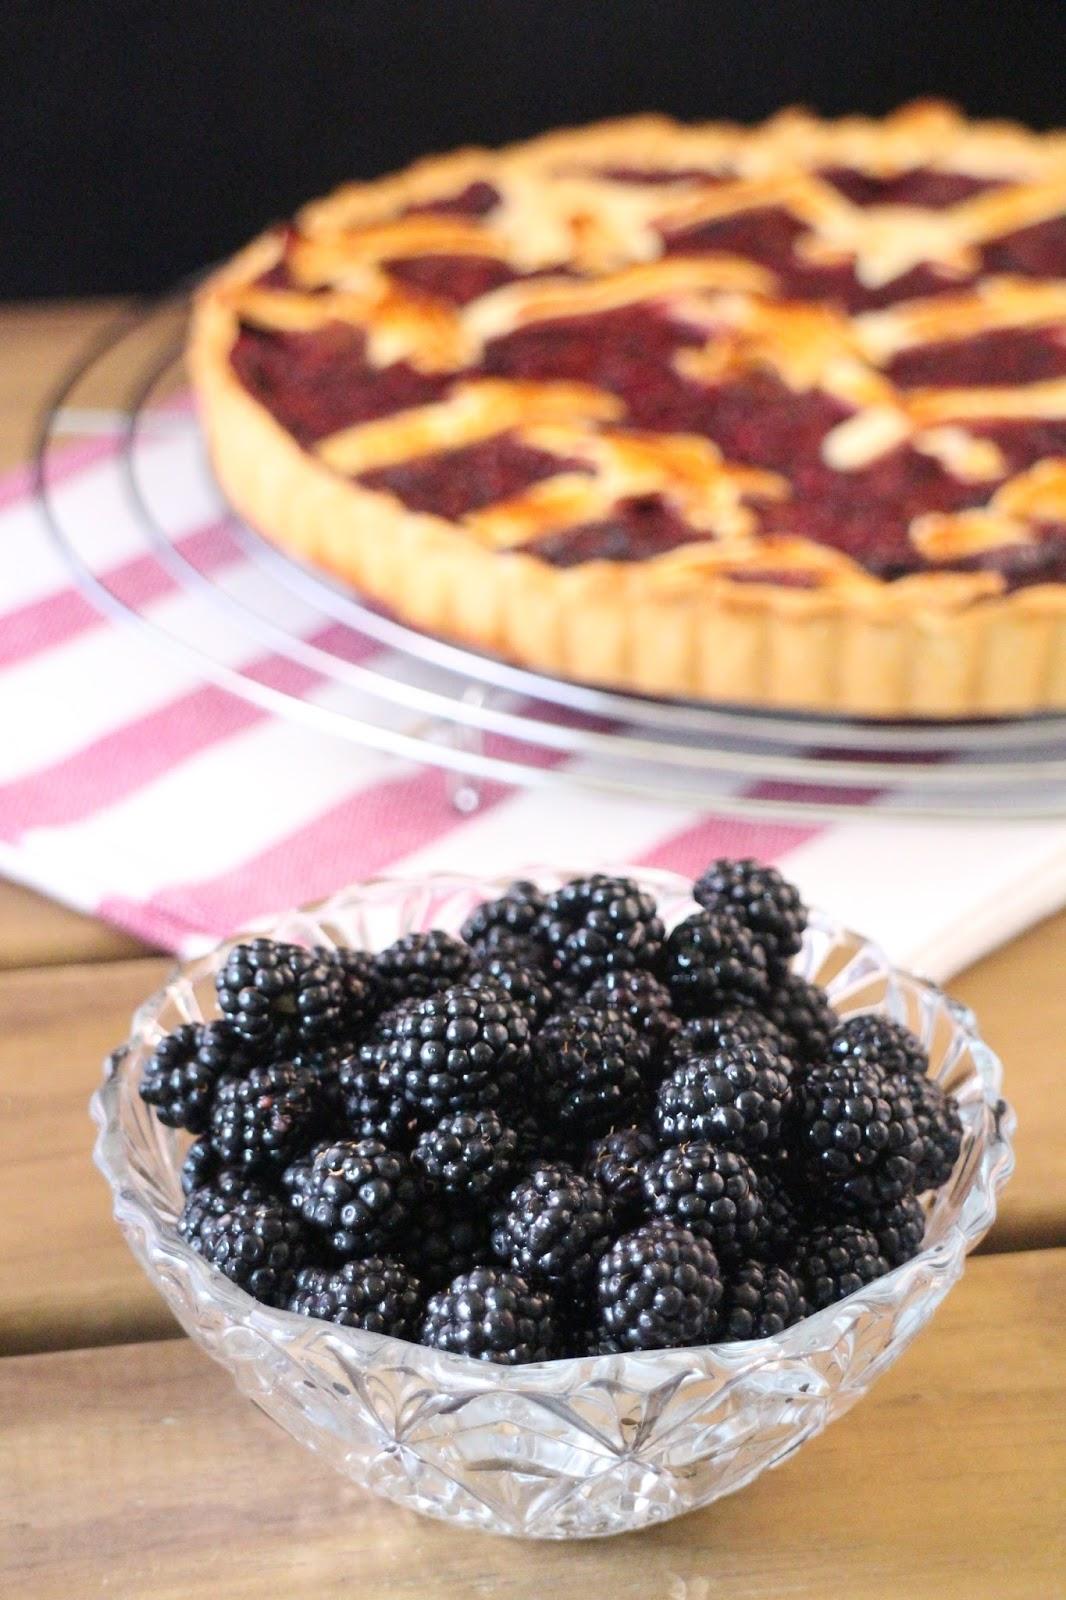 pie-de-moras-y-nectarinas, blackberry-pie